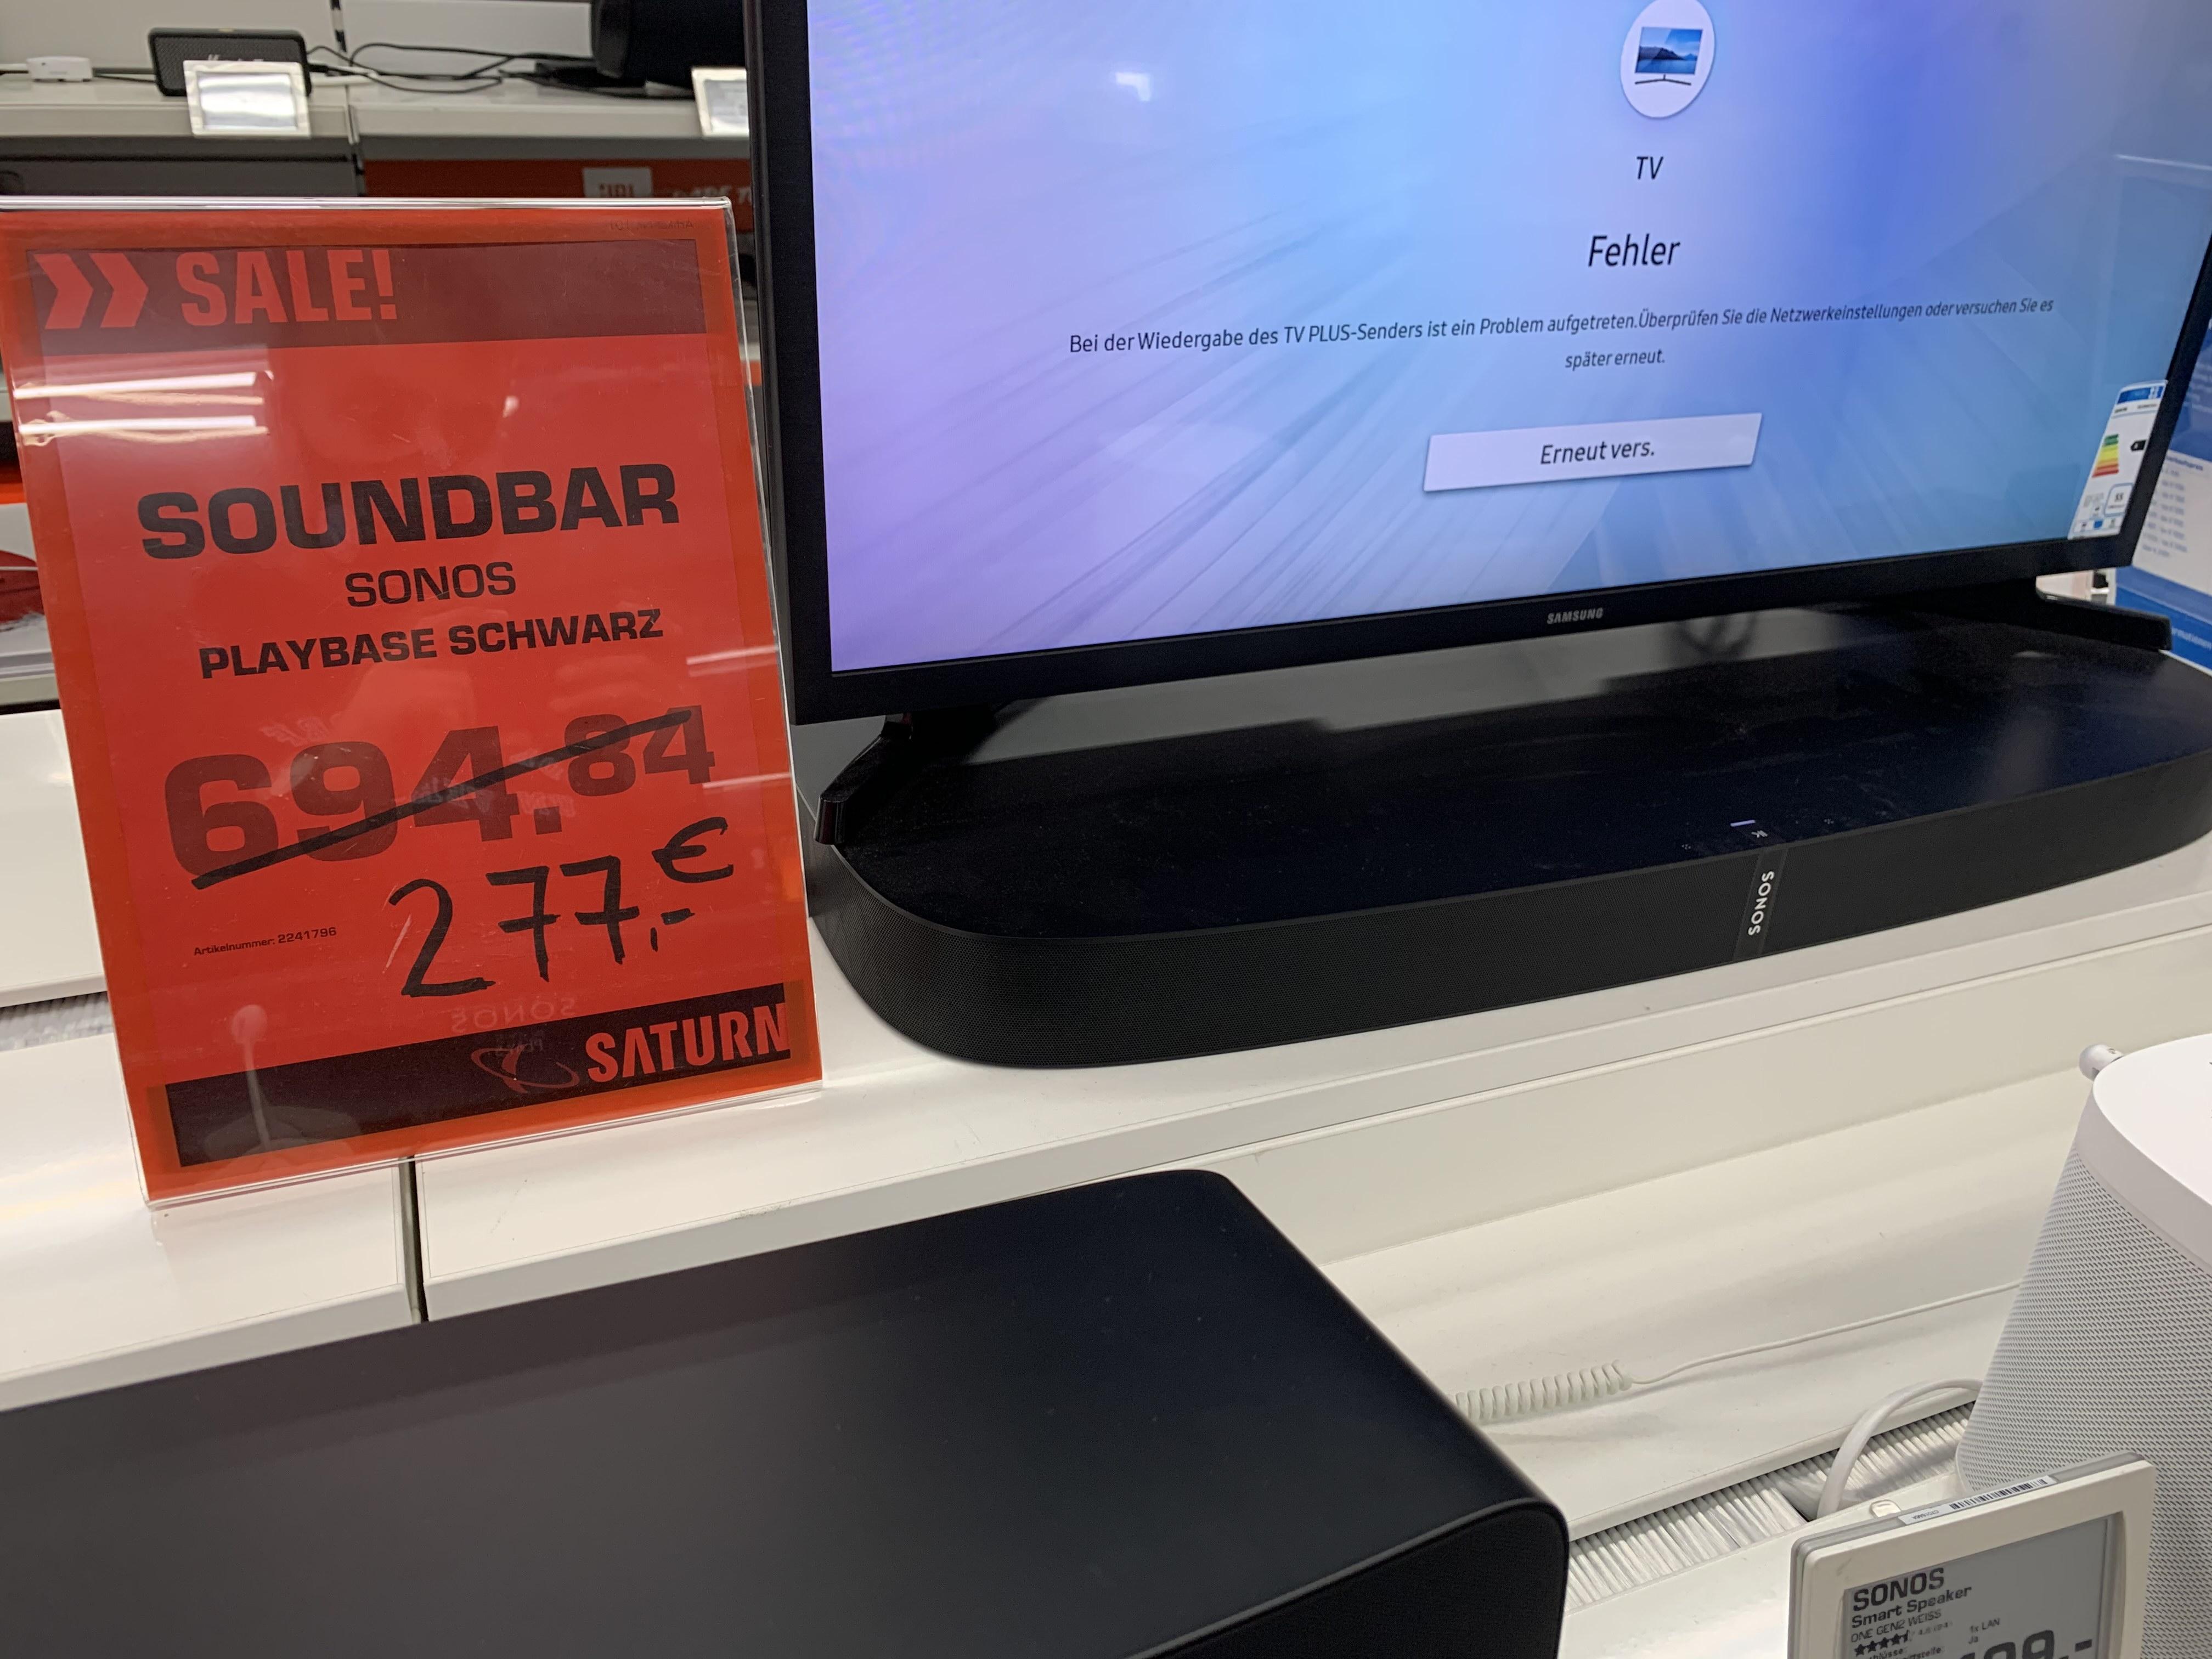 (Lokal) Saturn Regensburg Sonos (Playbase) sowie Sub Bestpreis (Aussteller)